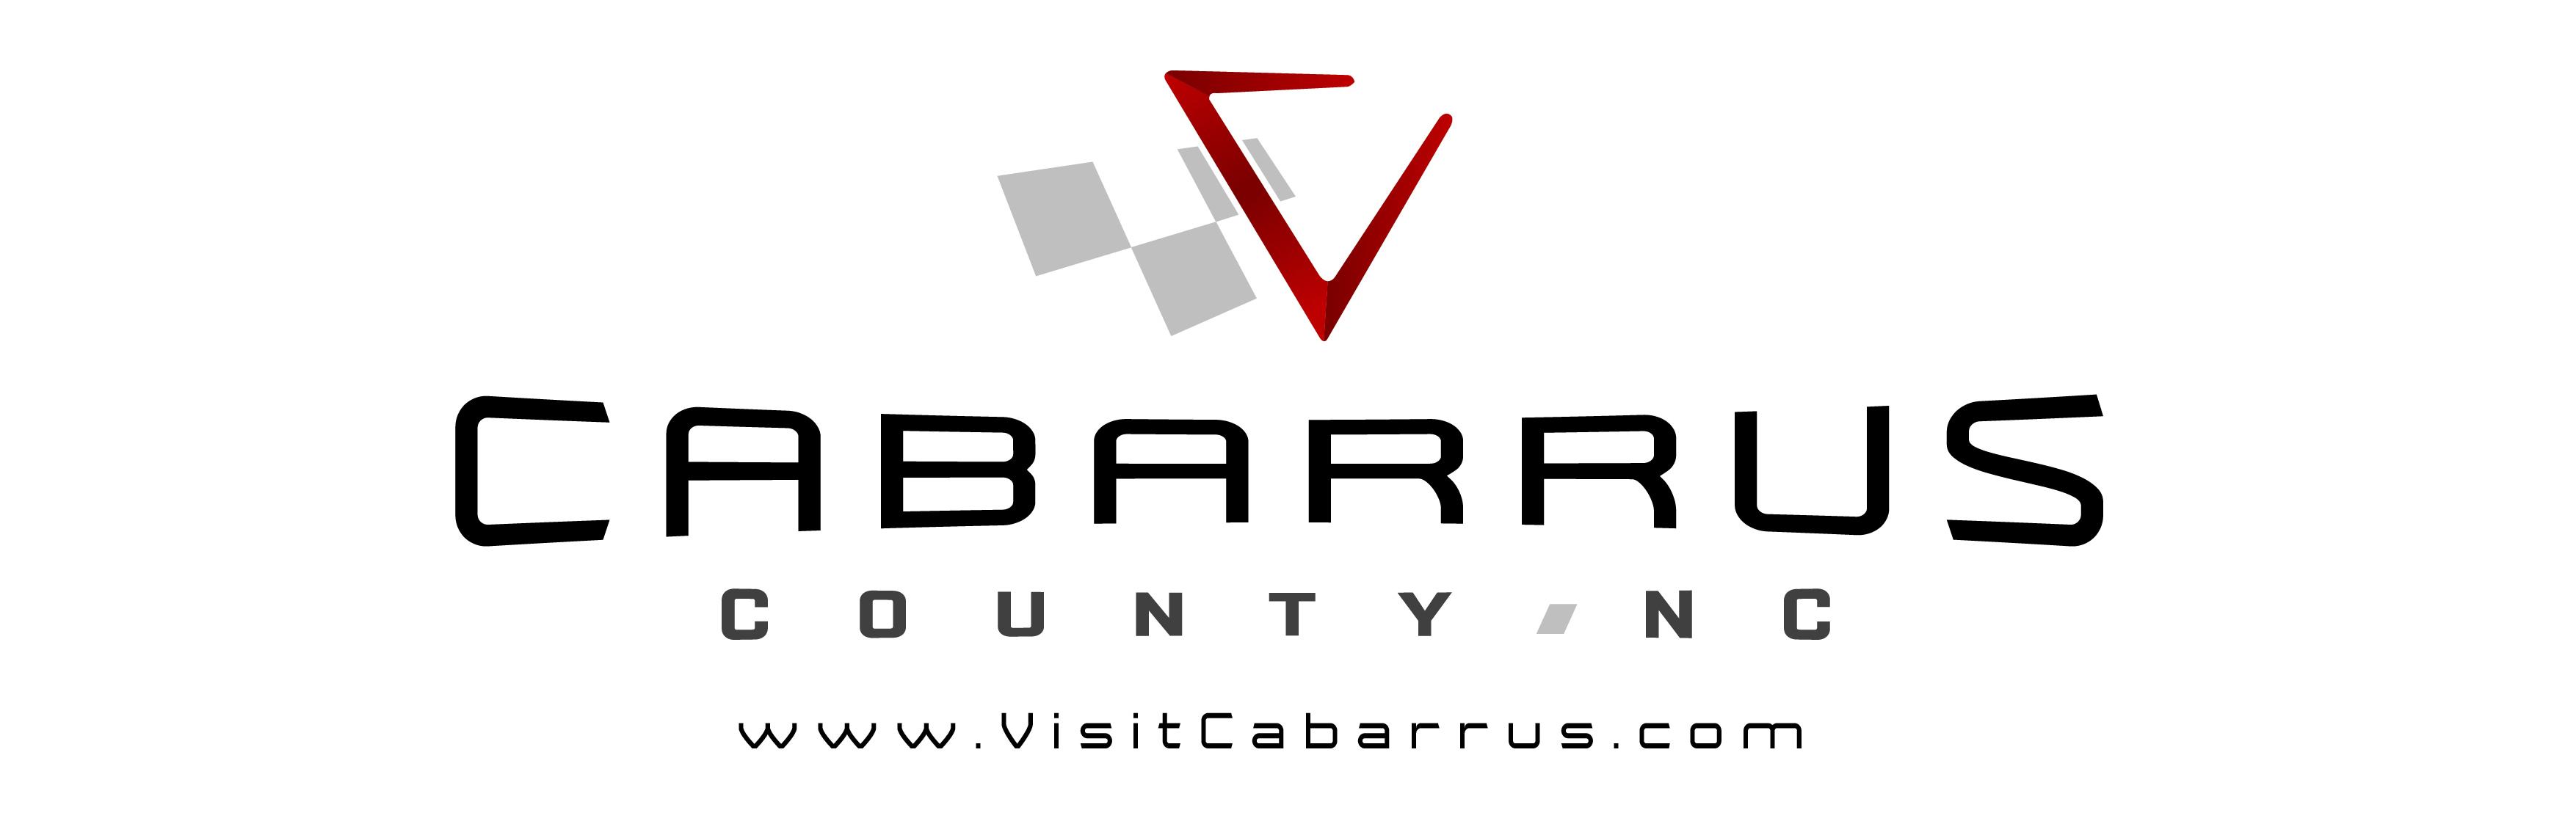 Sponsor Visit Cabarrus